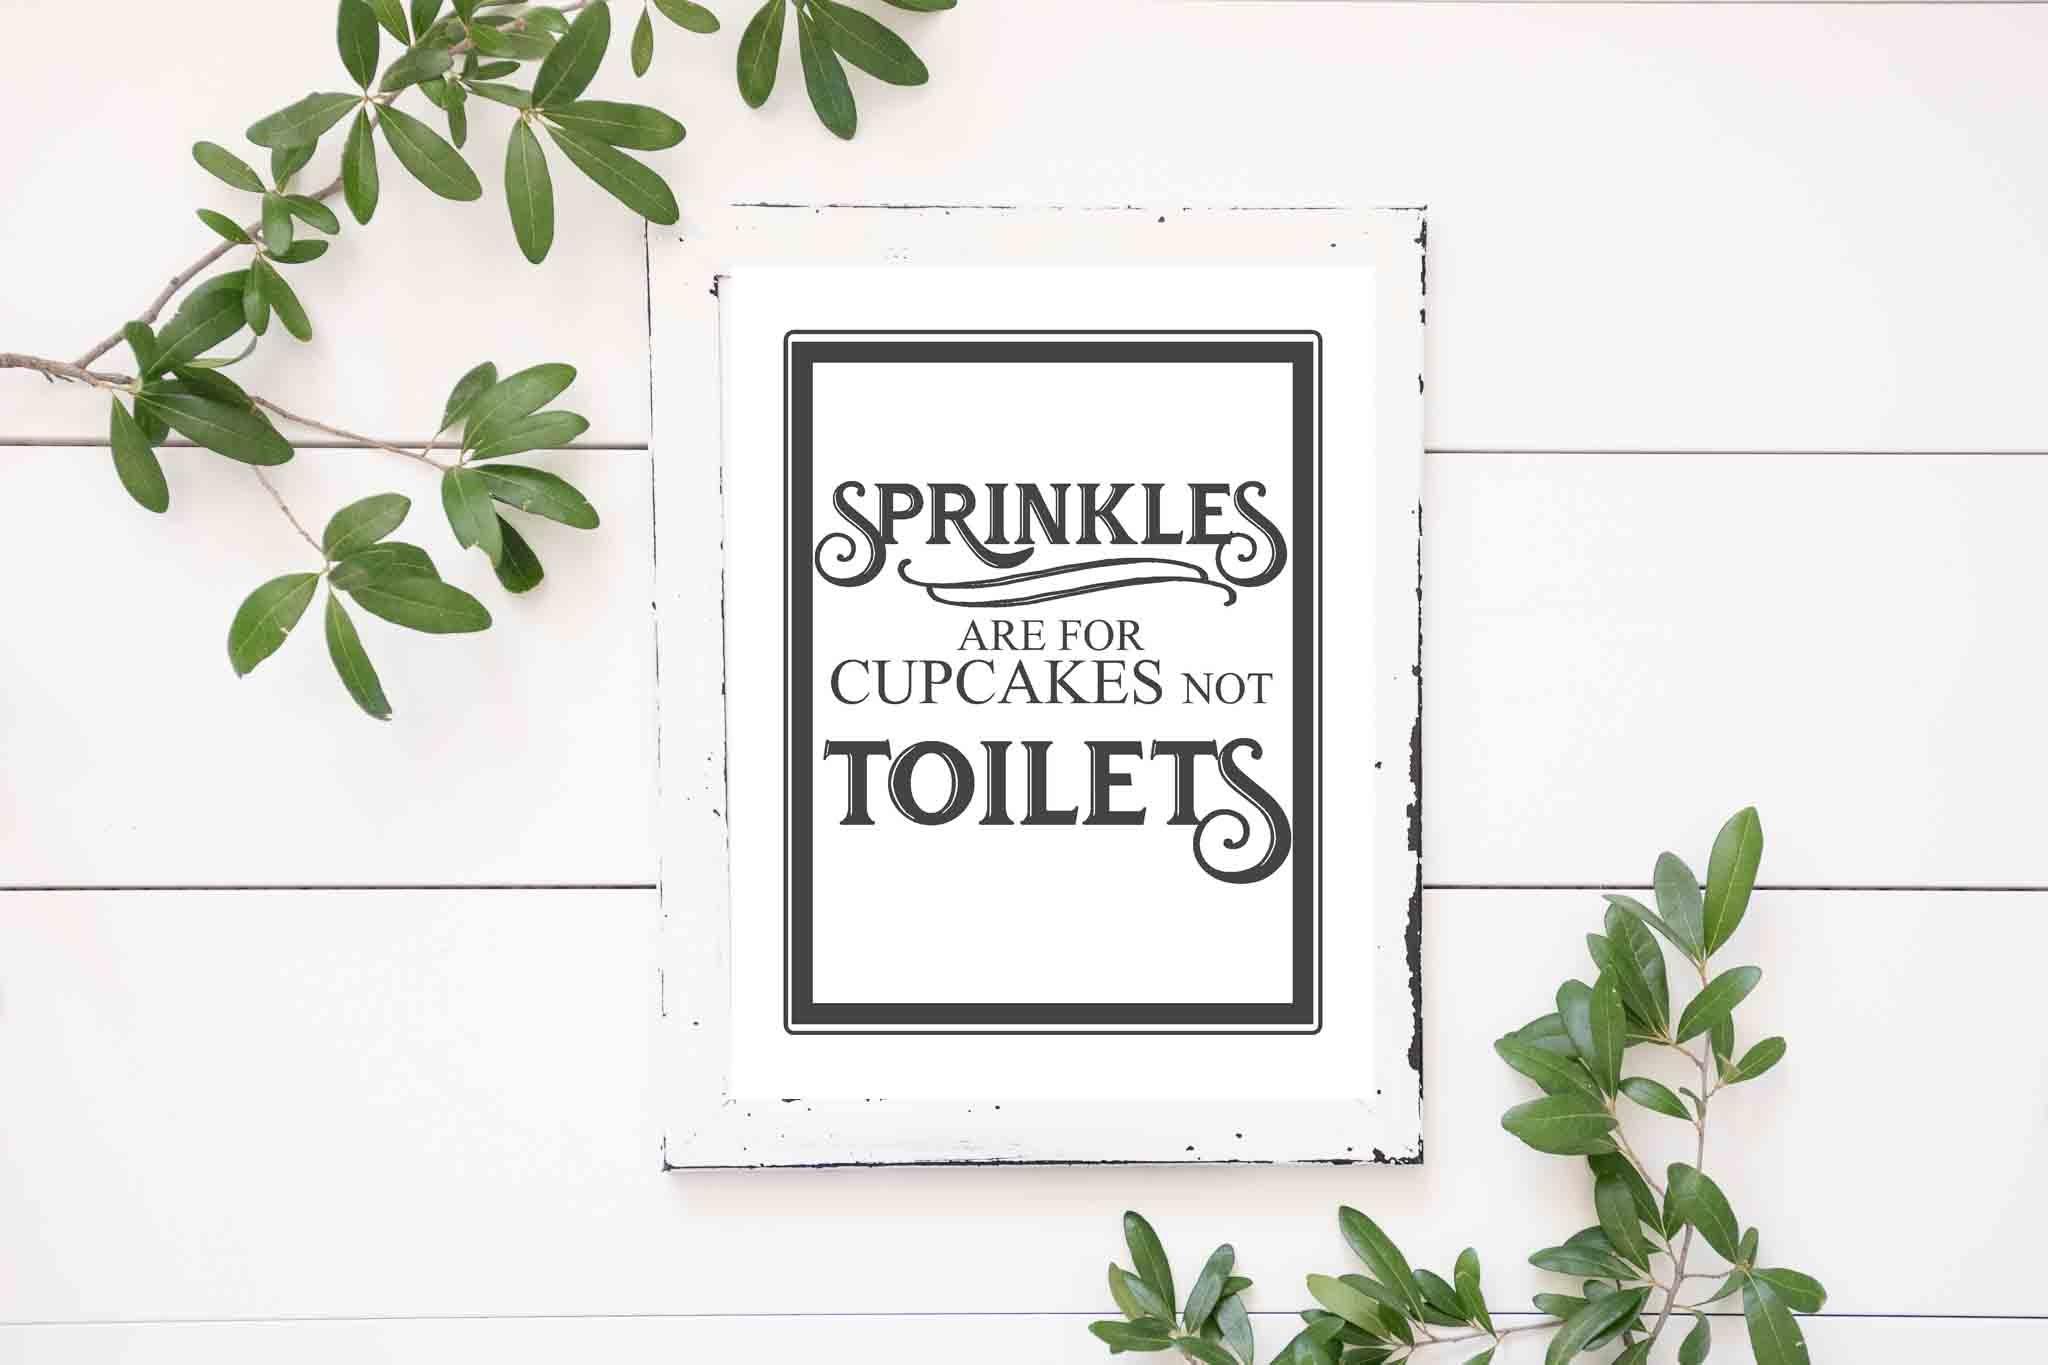 Free Vintage Bathroom Printables - The Mountain View Cottage - Free Printable Bathroom Pictures